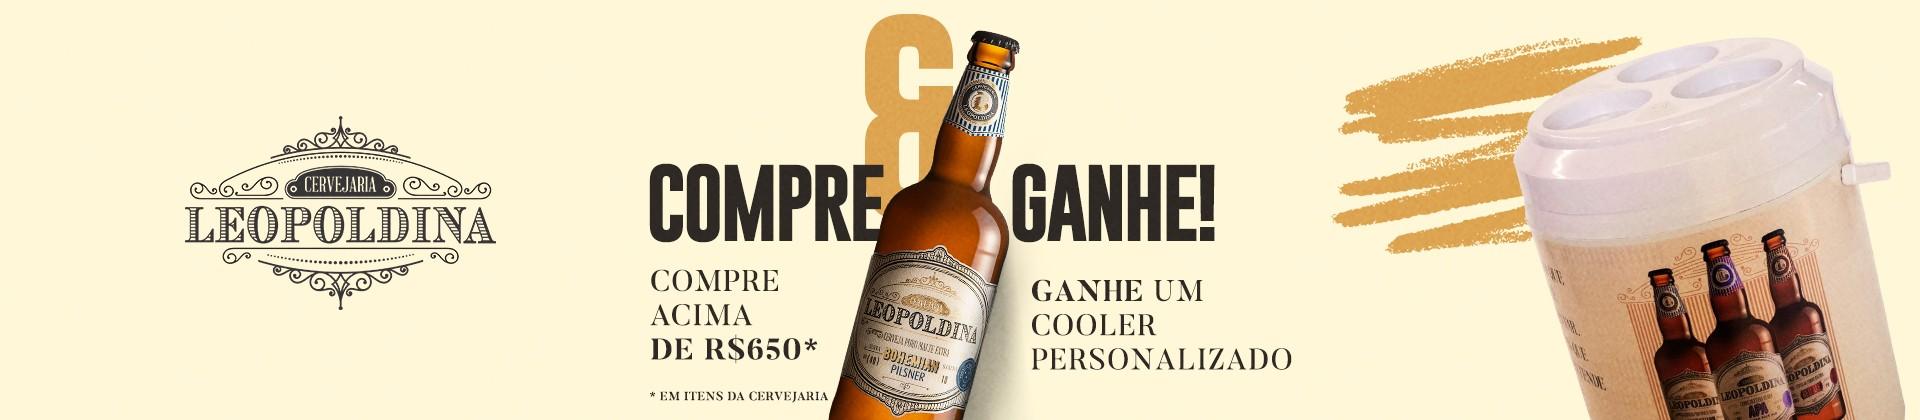 Compre e ganhe cooler | Cervejaria Leopoldina (1920x420)